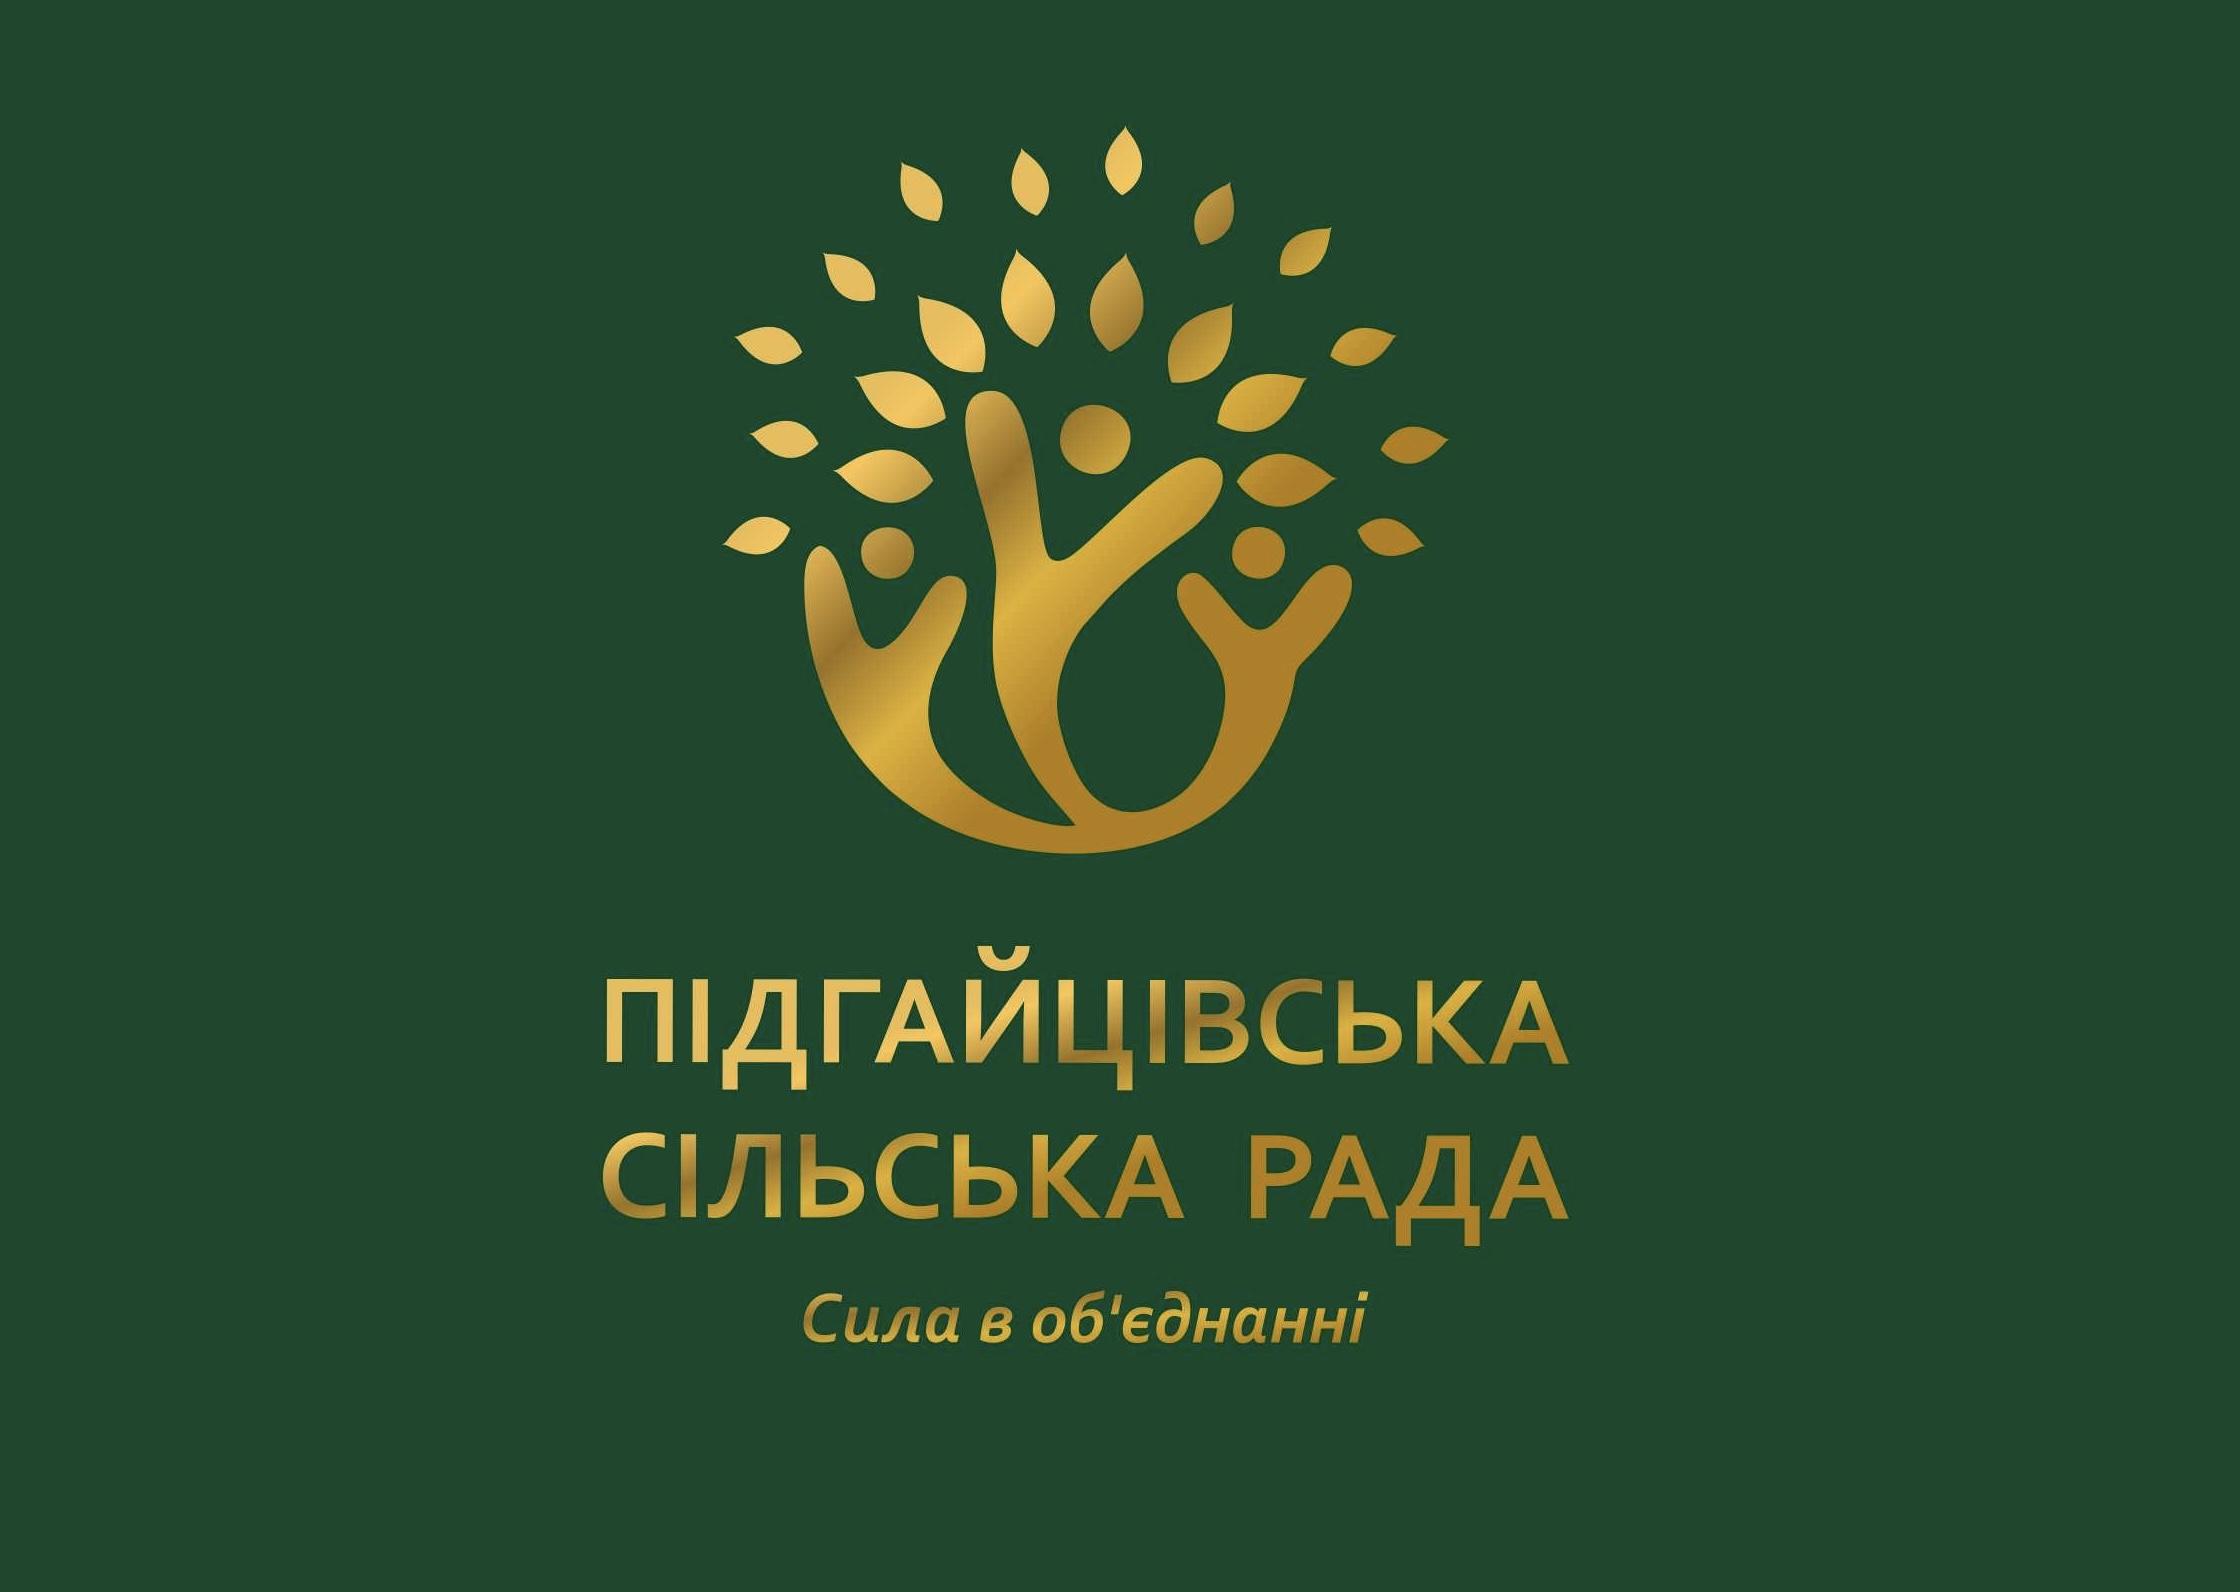 Оголошення про скликання одинадцятої позачергової сесії Підгайцівської сільської ради